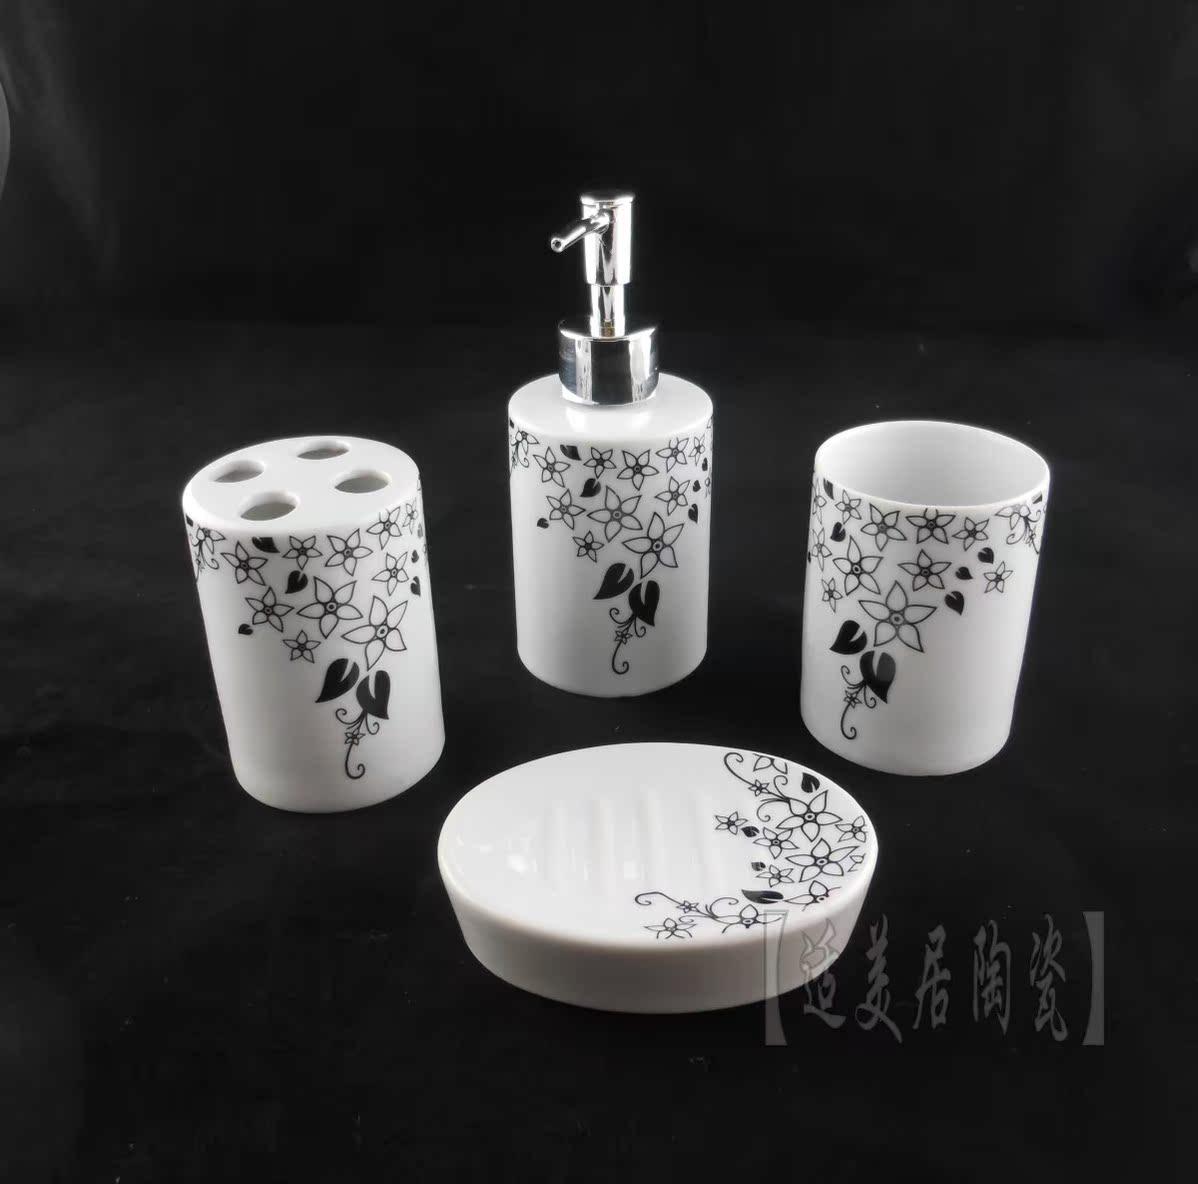 时尚浴室洗漱居家用品黑色创意藤花个性陶瓷卫浴四件套装浴室用品